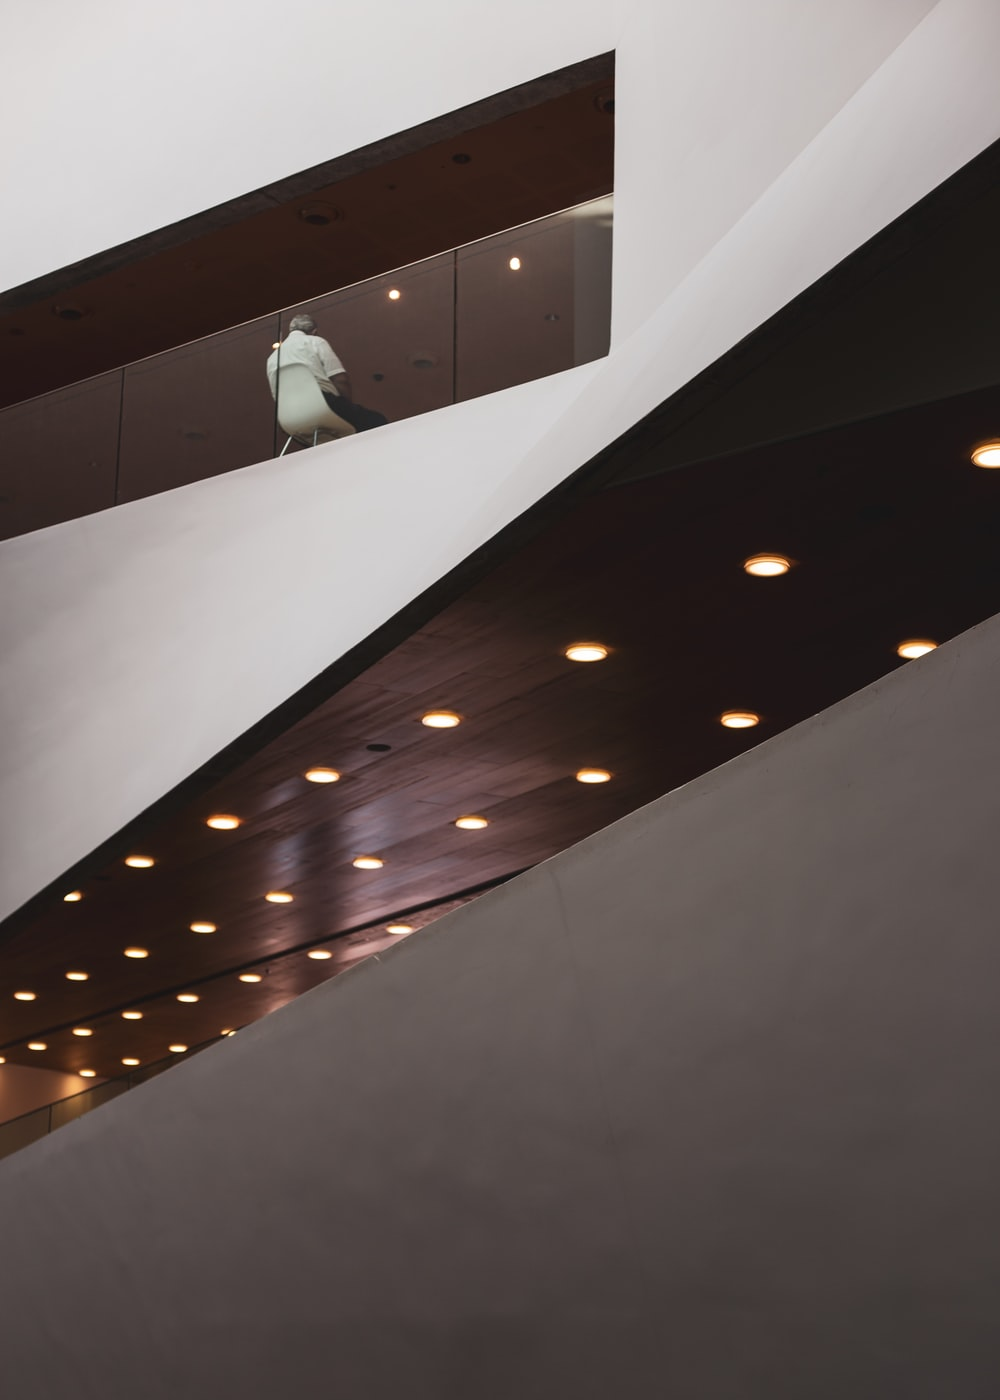 white bird on white wooden wall